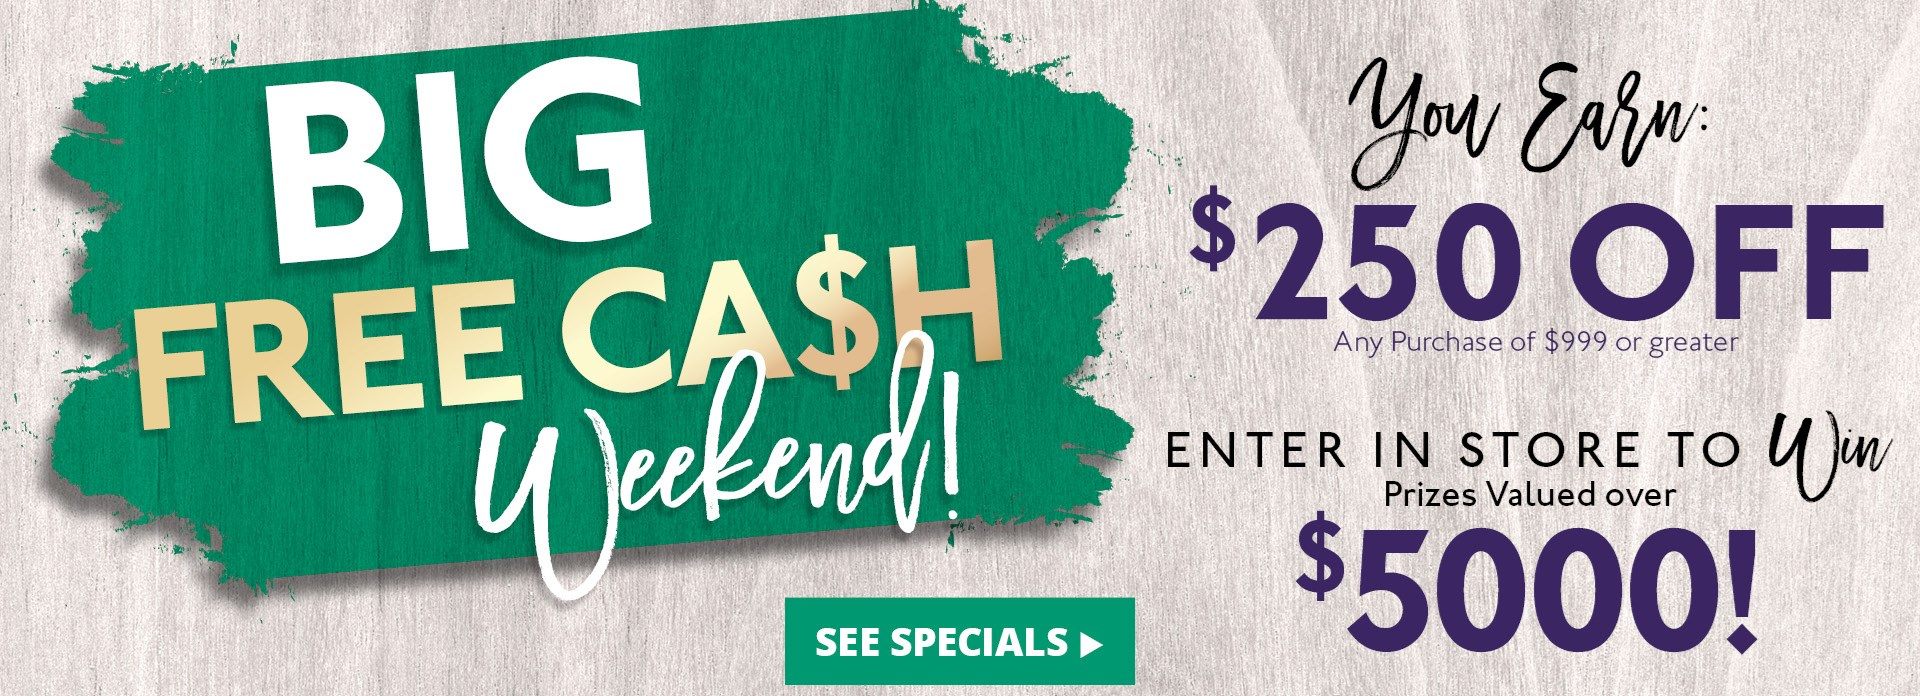 Big Free Cash Weekend